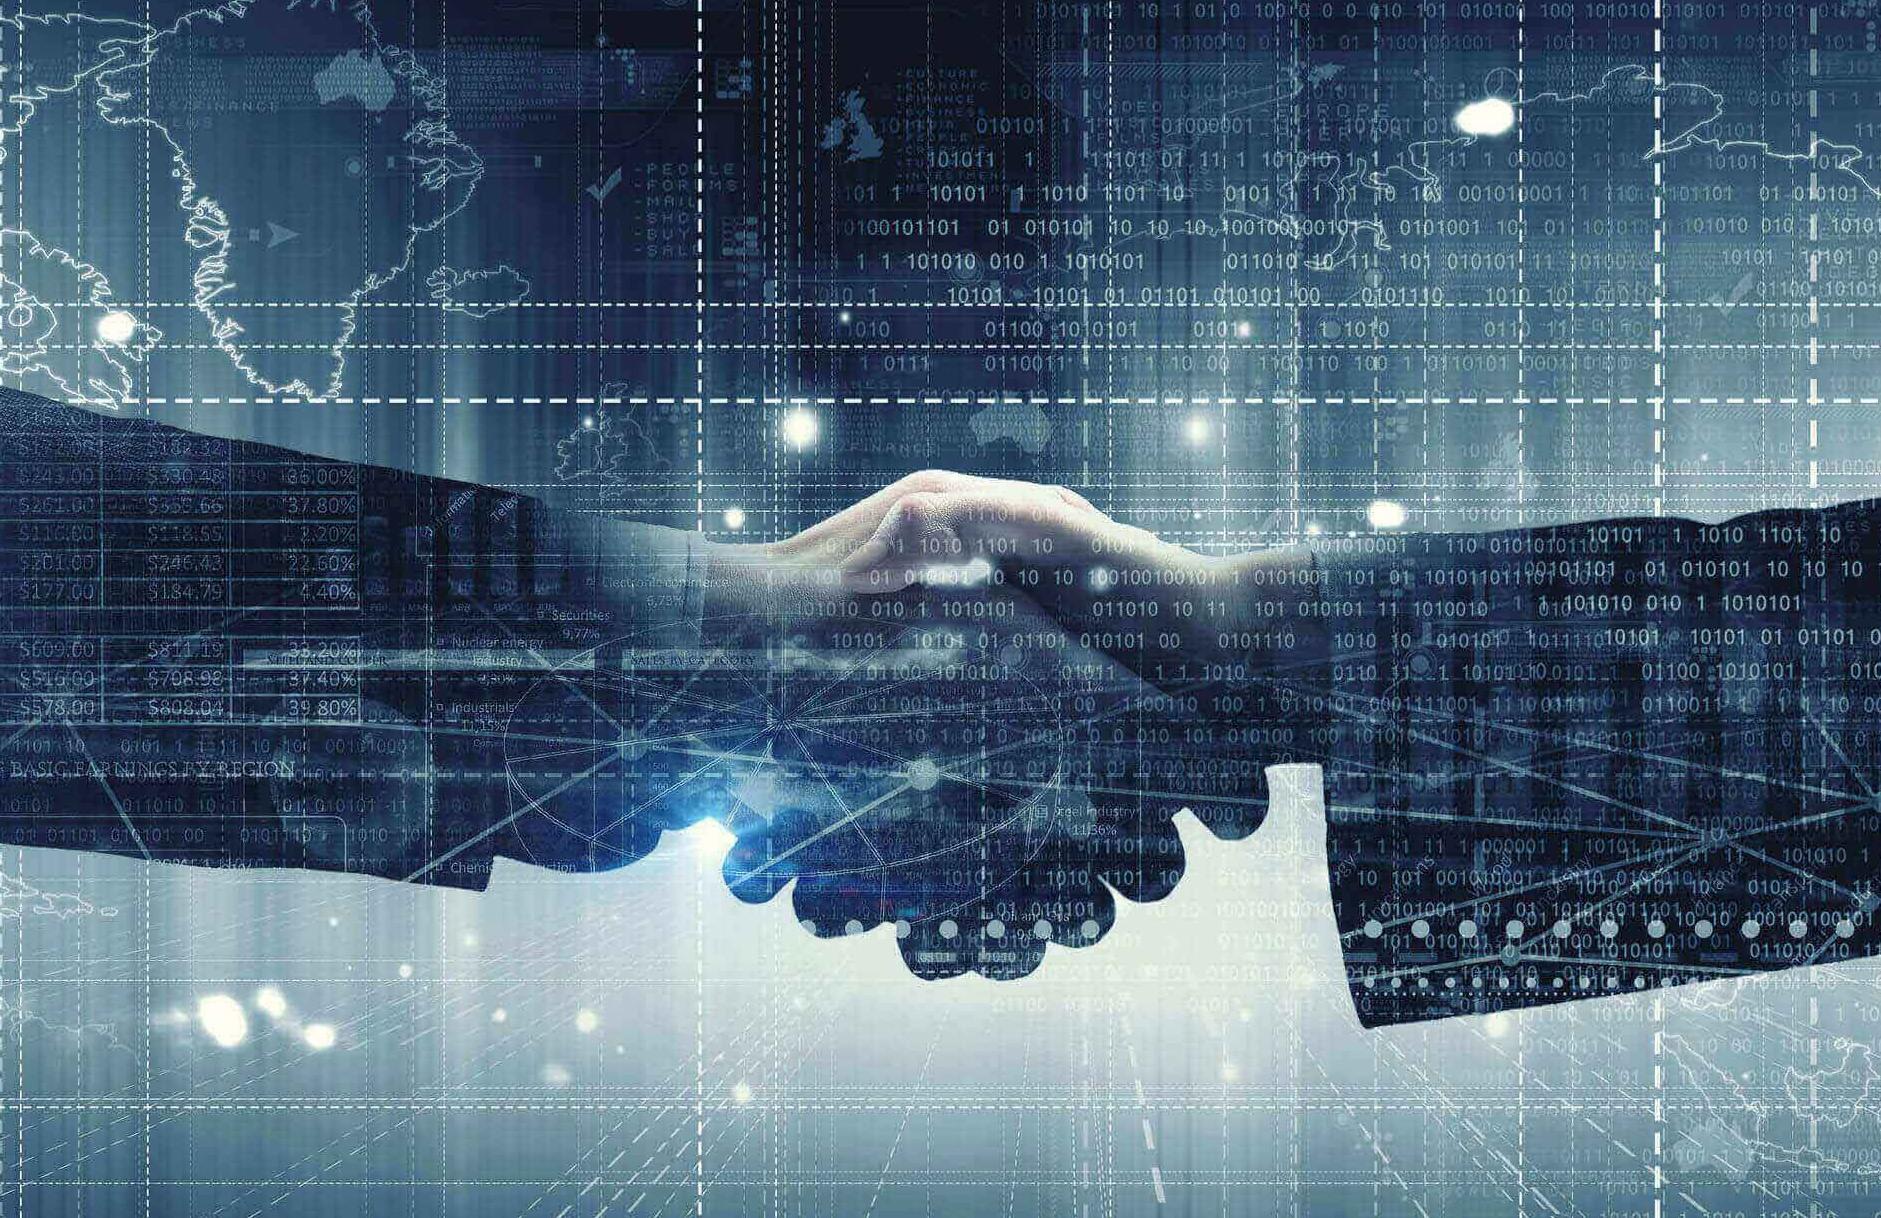 США: цифровая подпись на блокчейне может получить юридическую силу